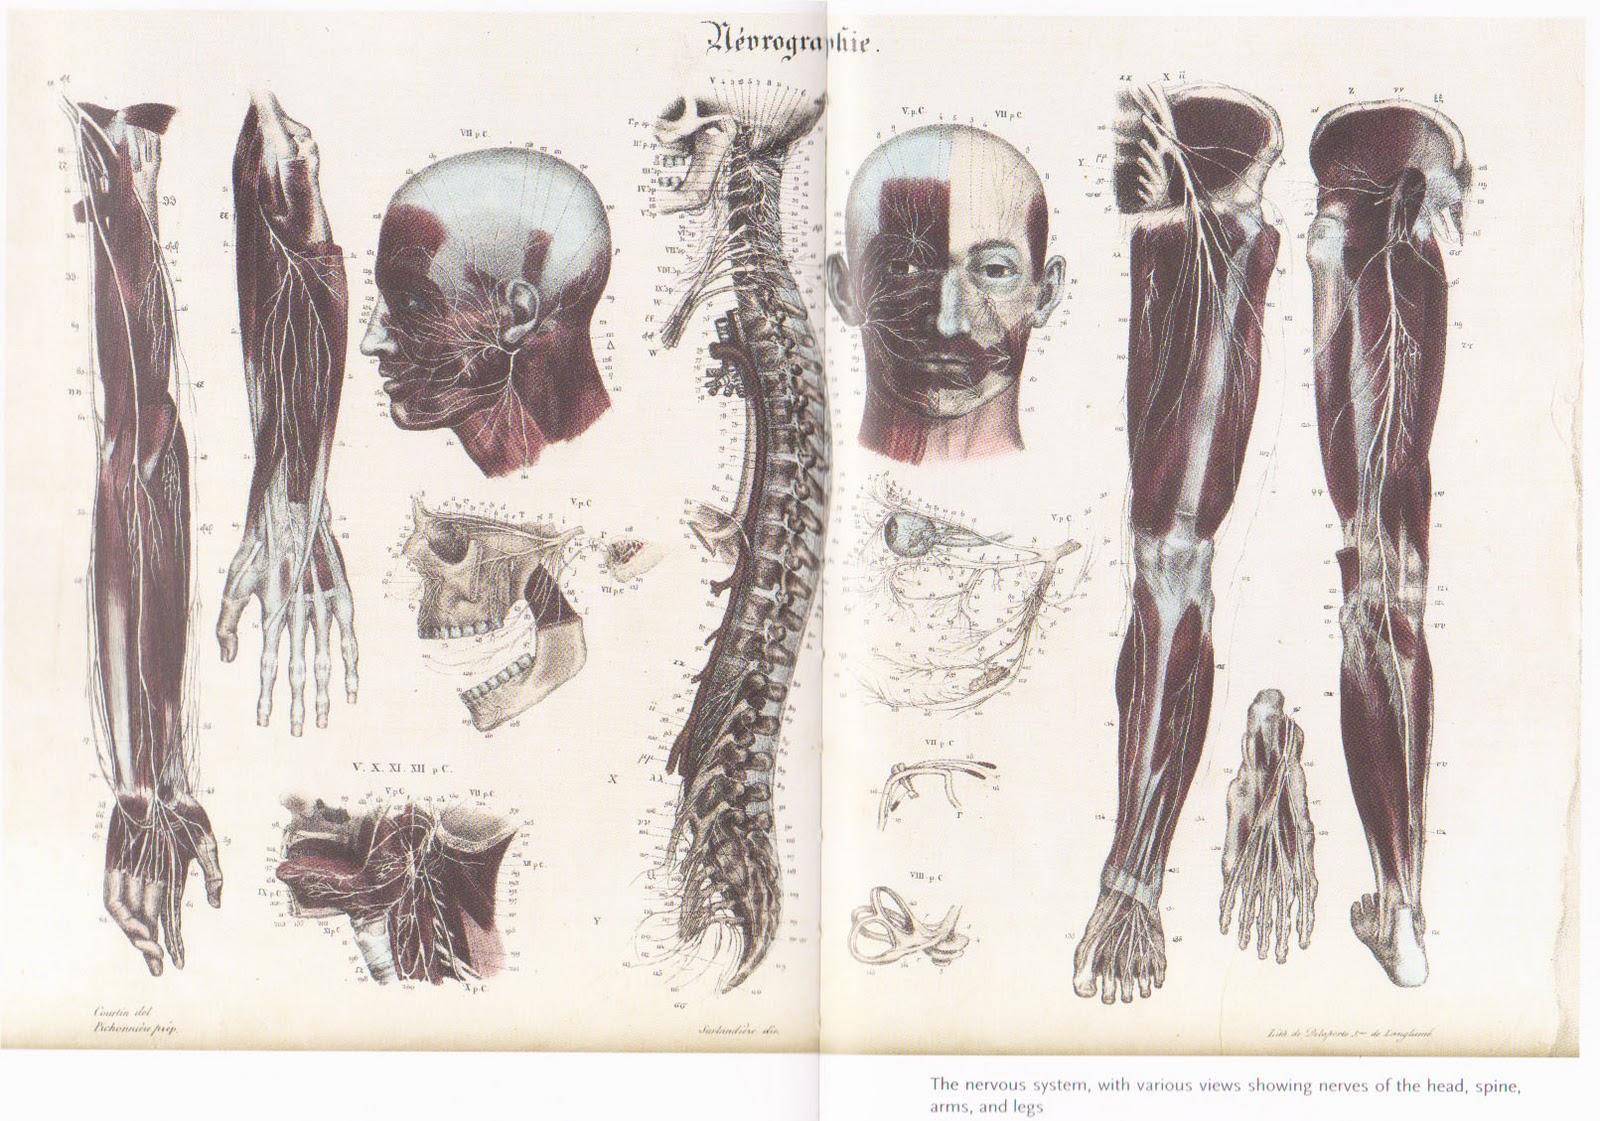 http://4.bp.blogspot.com/-c46gwHmLDAg/TVg2tA43EVI/AAAAAAAAAL8/XFVLcwrlS78/s1600/Human+Anatomy.7.jpg